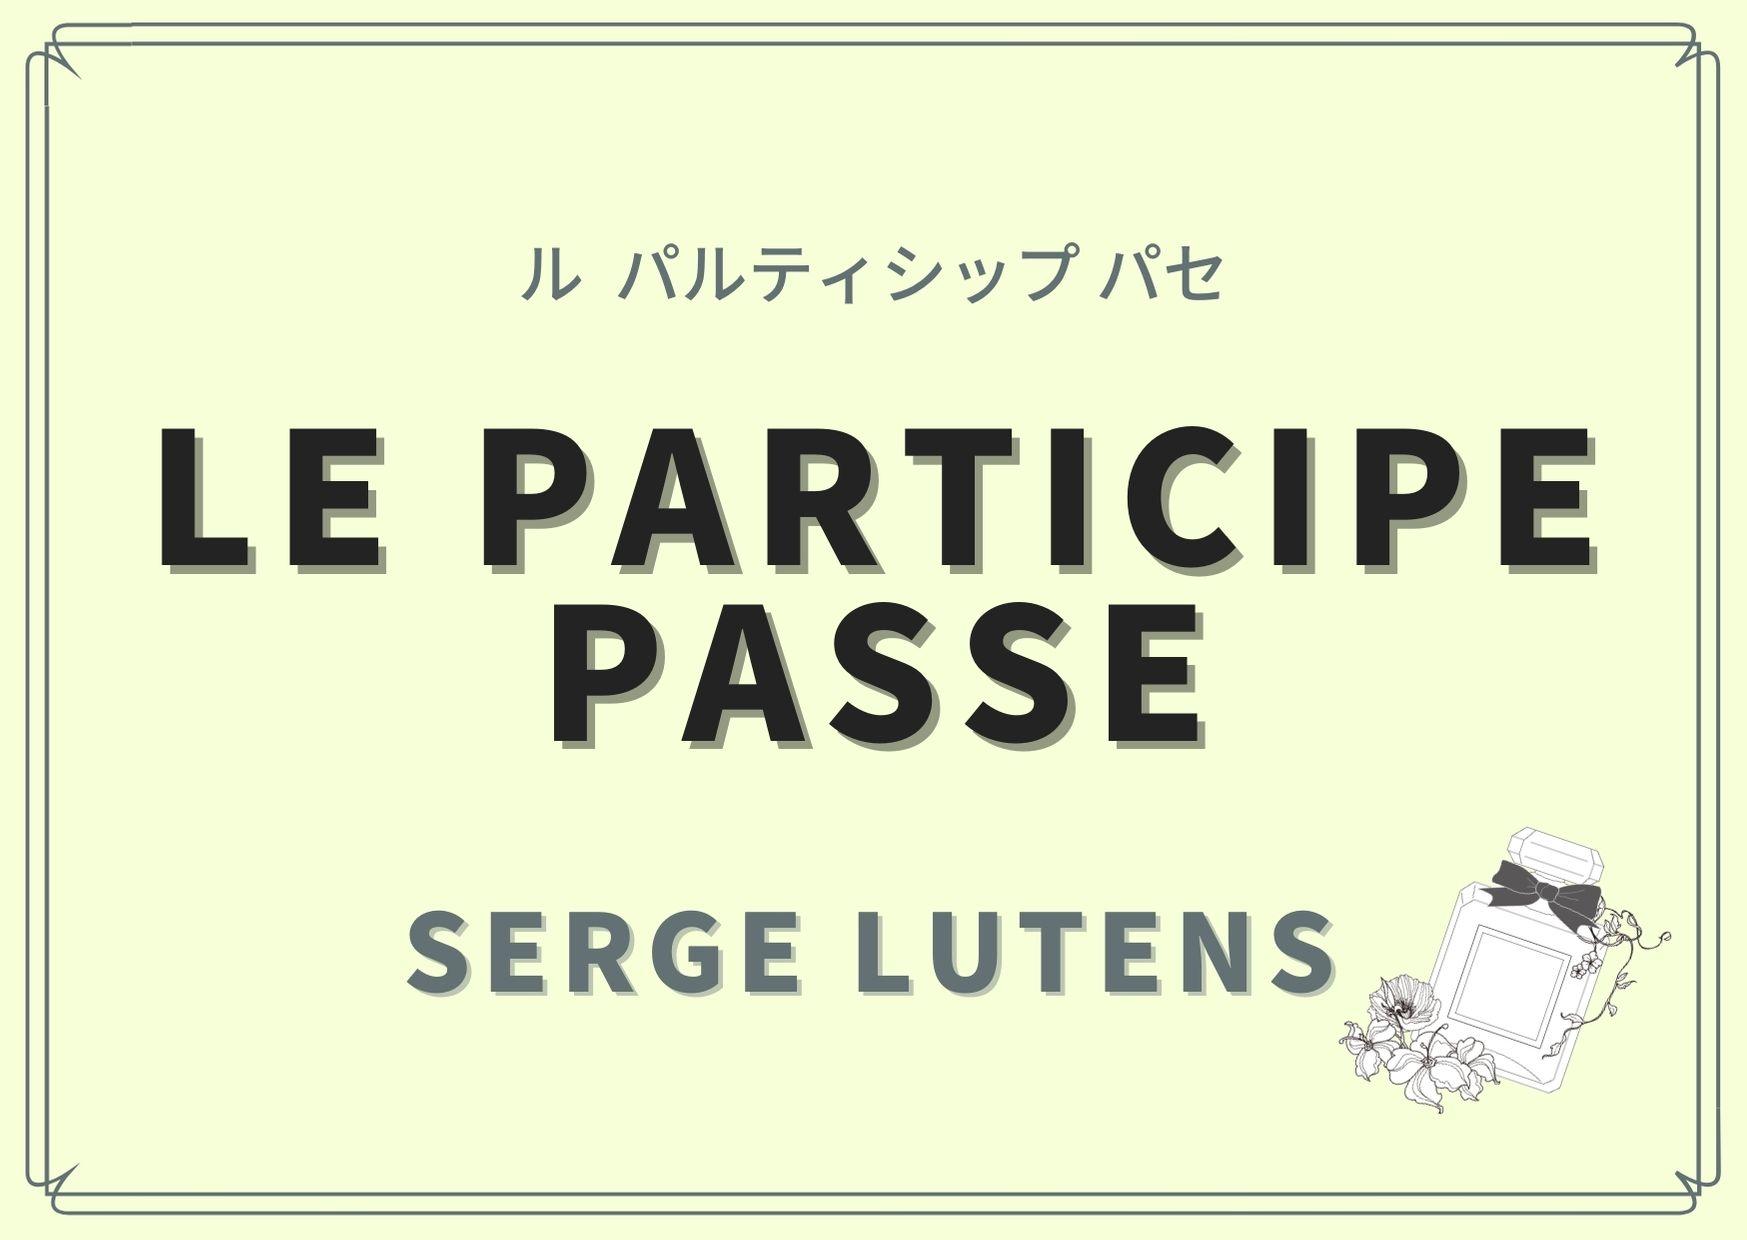 LE PARTICIPE PASSE (ル  パルティシップ パセ)/SERGE LUTENS(セルジュ ルタンス)